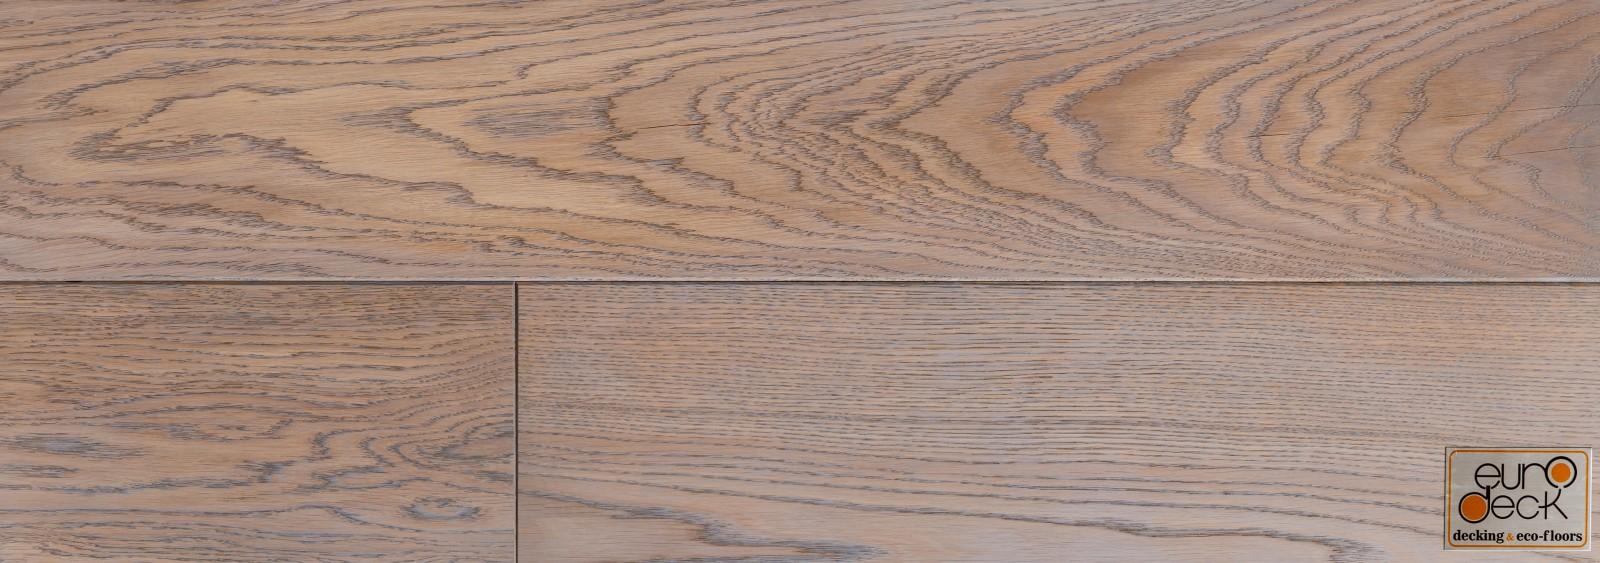 Массивная Доска Euro Deck 1207A6 Брагансон